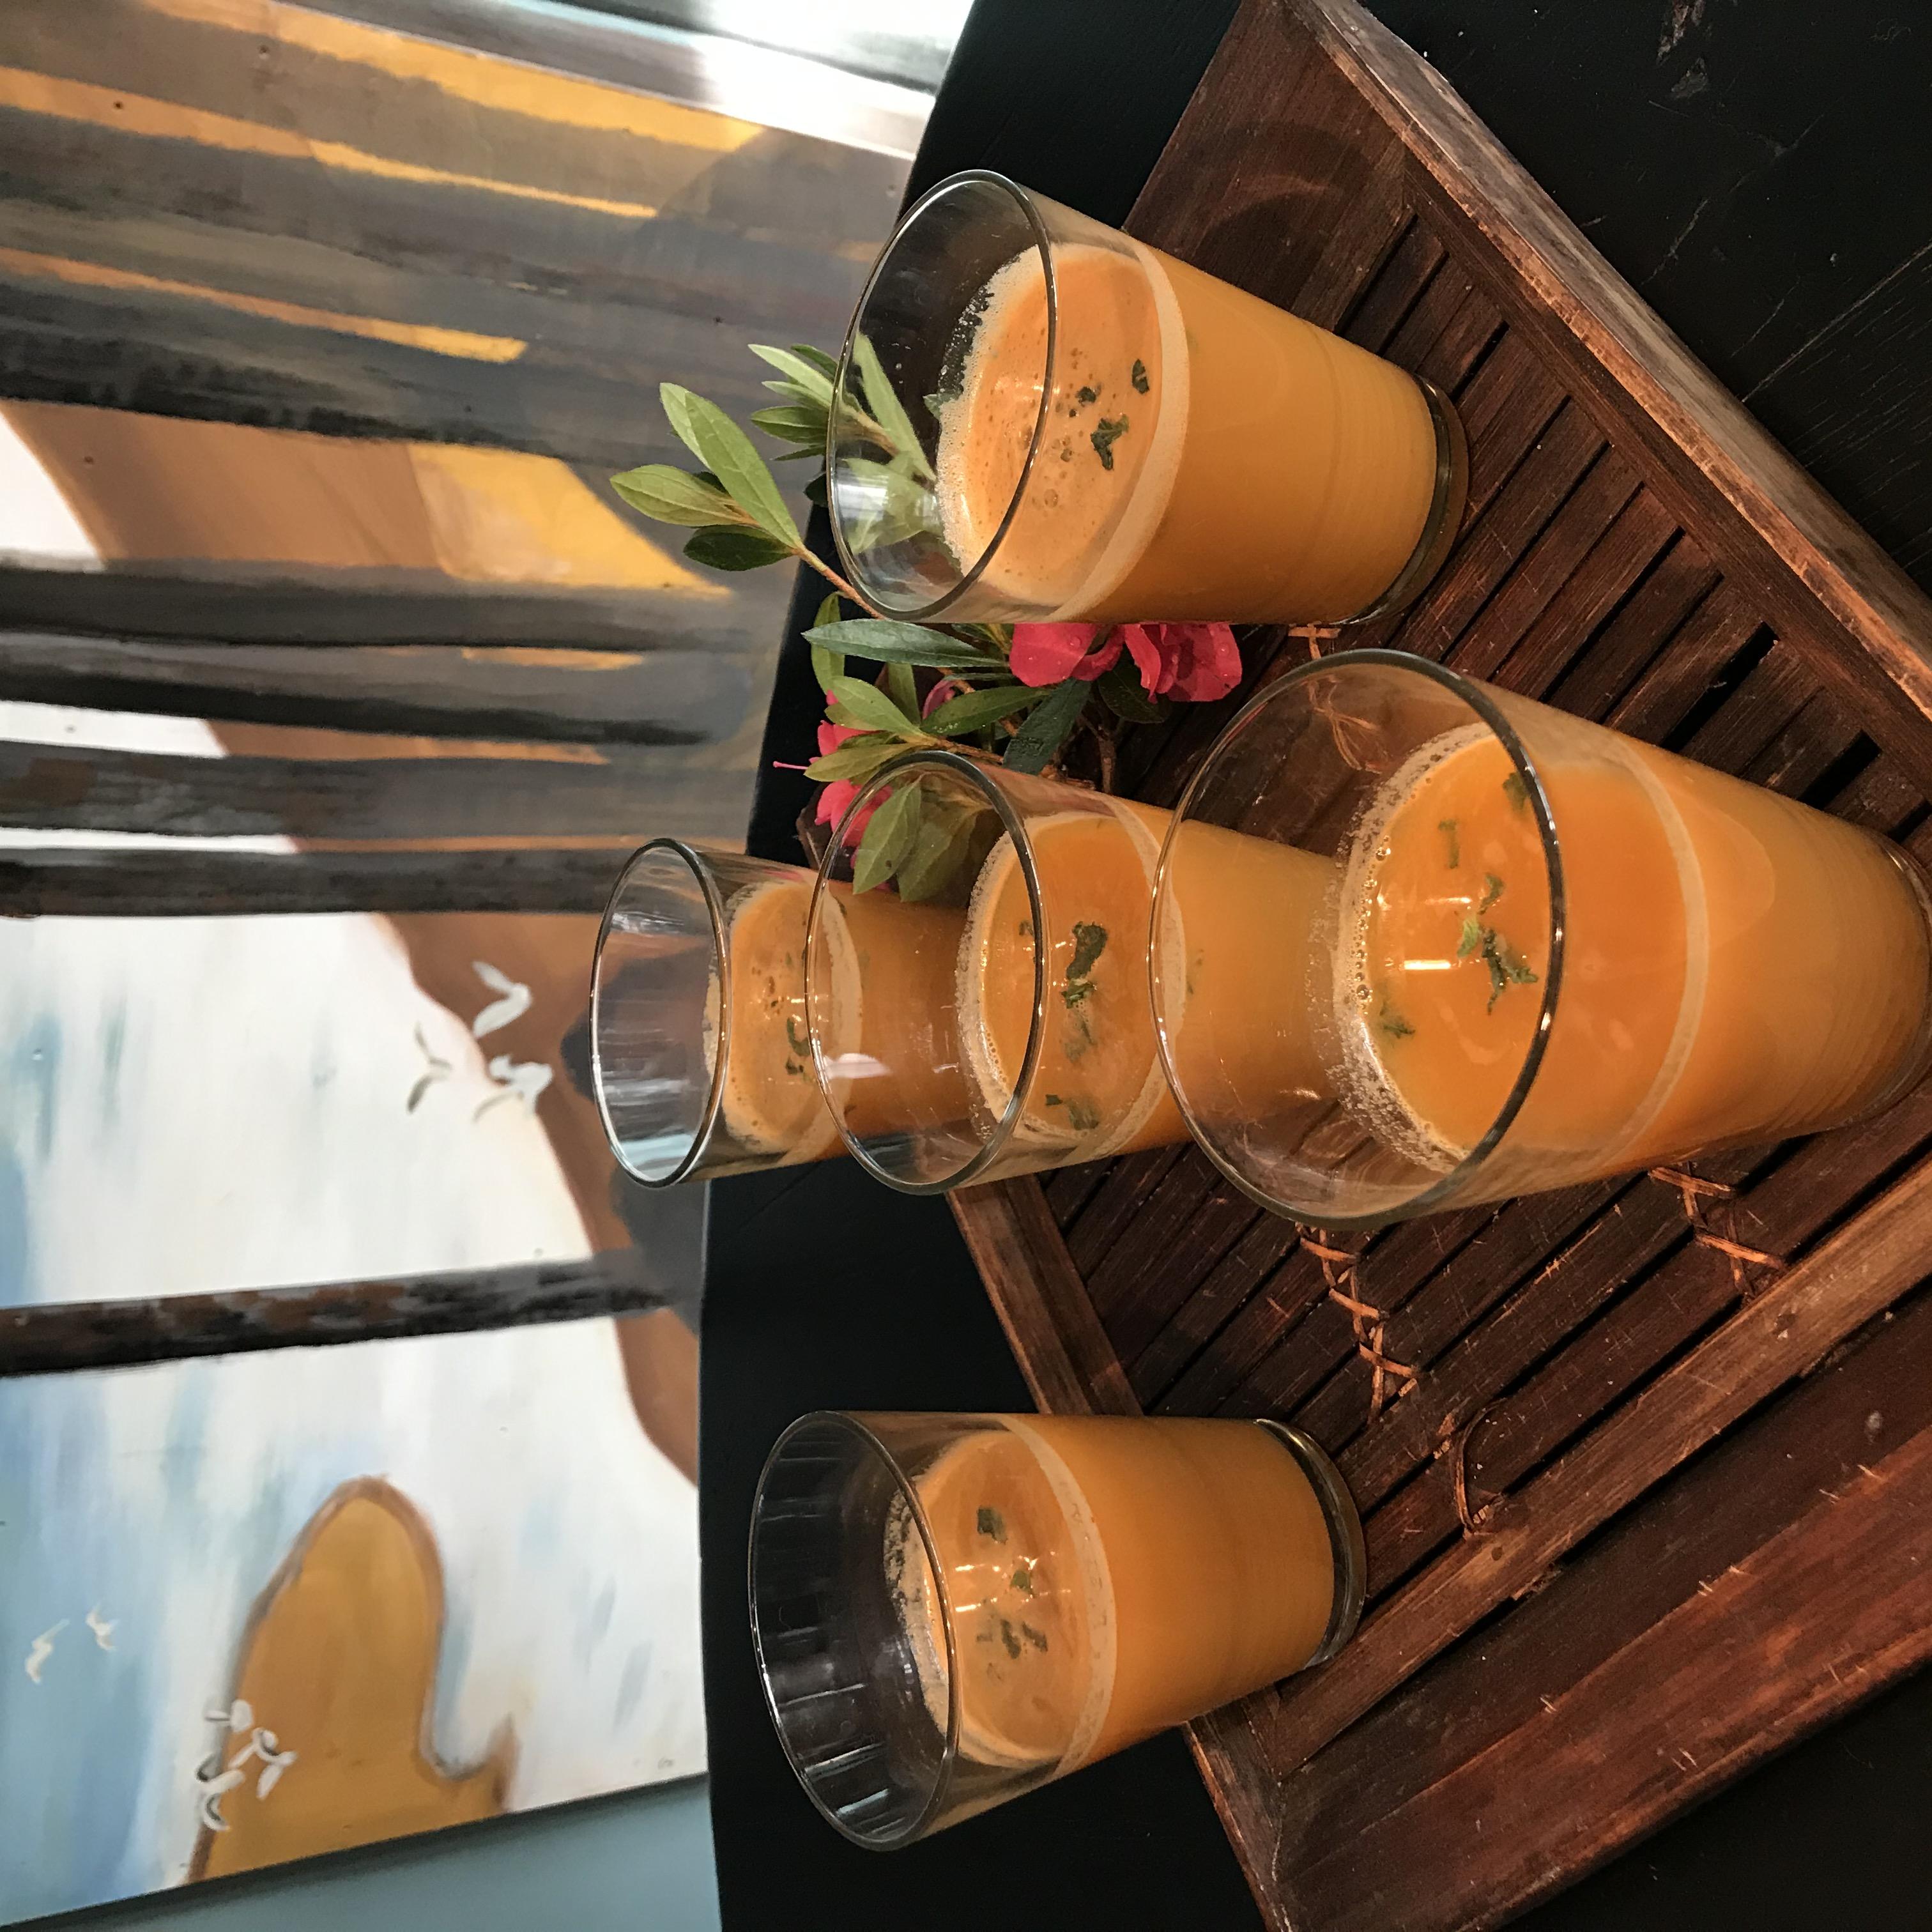 Les Jus Orange : Des jus vitaminés aux belles couleurs